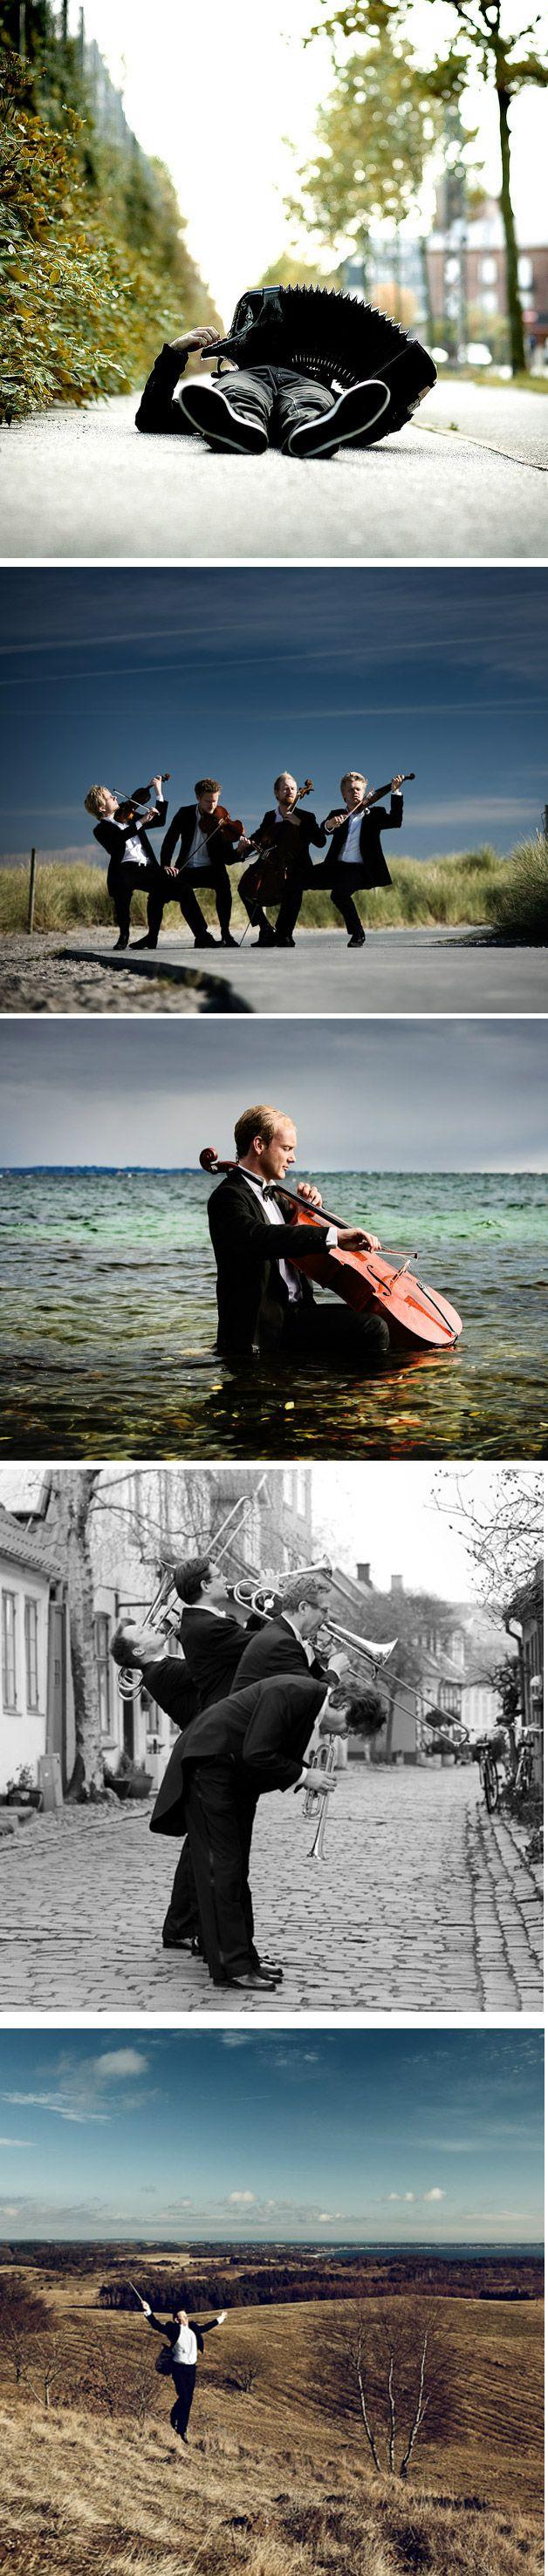 O fotógrafoNikolaj Lundconseguiu registrar músicos clássicos sem aquele conservadorismo conhecido das orquestras.       ...